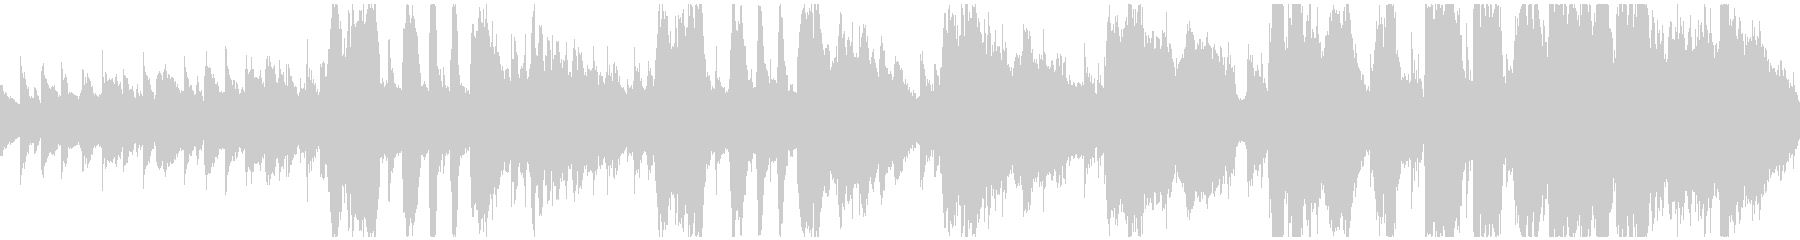 ループ仕様明るくかわいいビッグバンド風の未再生の波形